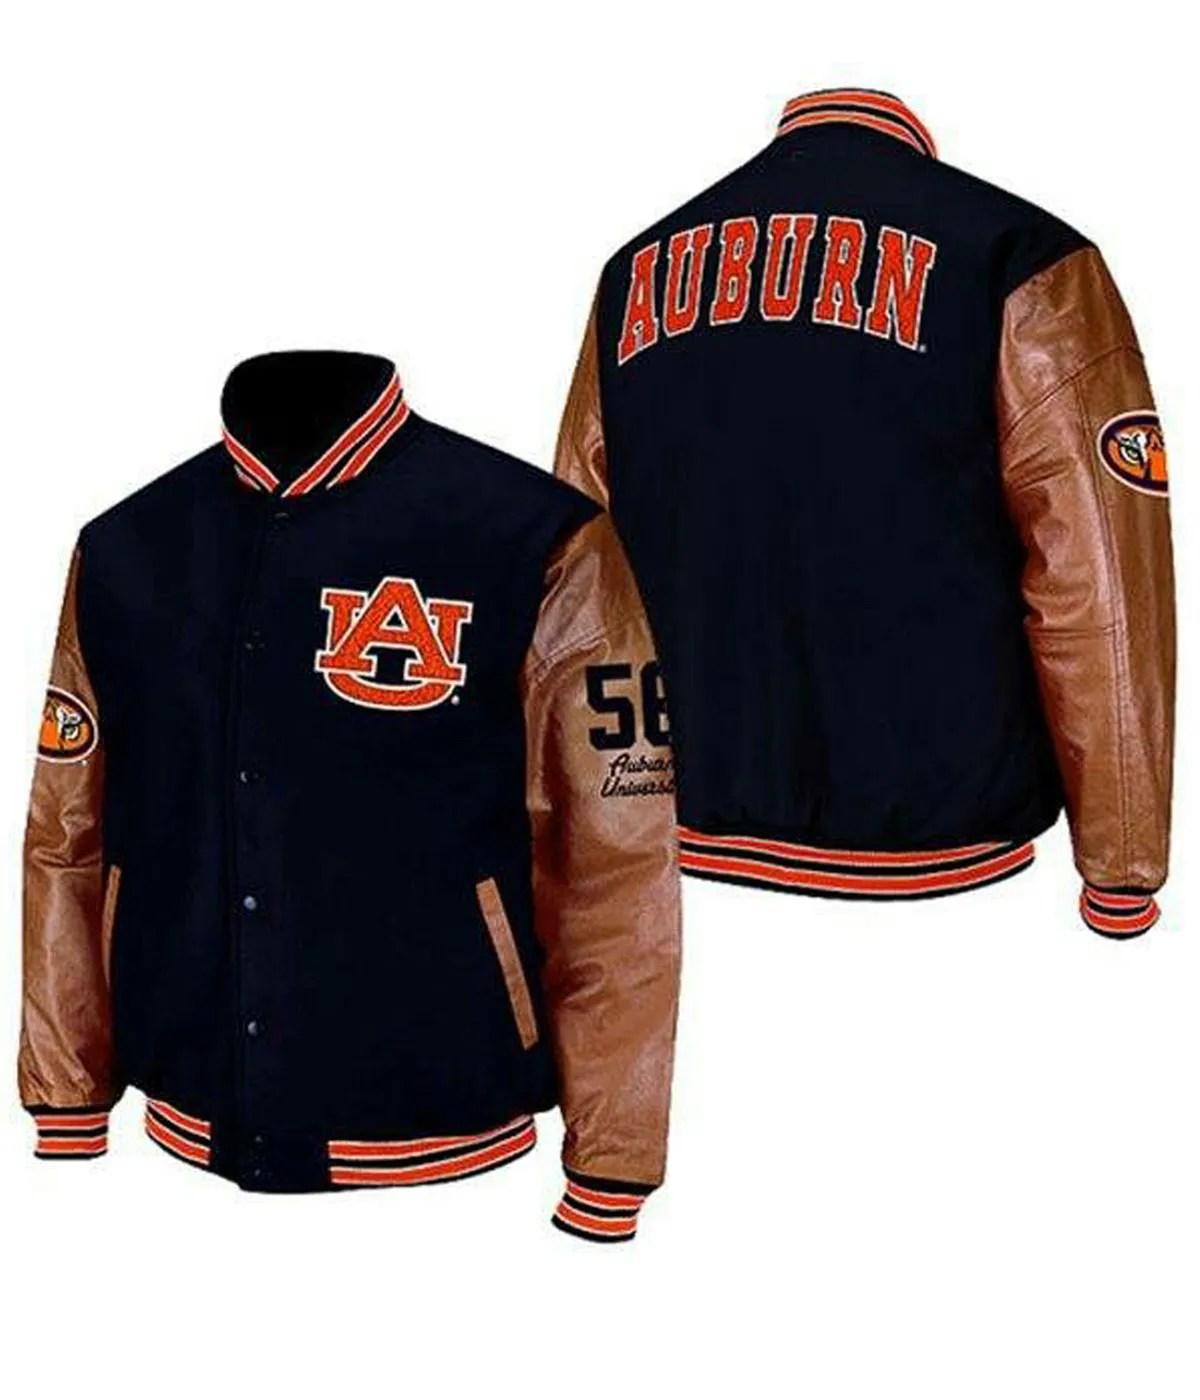 auburn-58-varsity-jacket